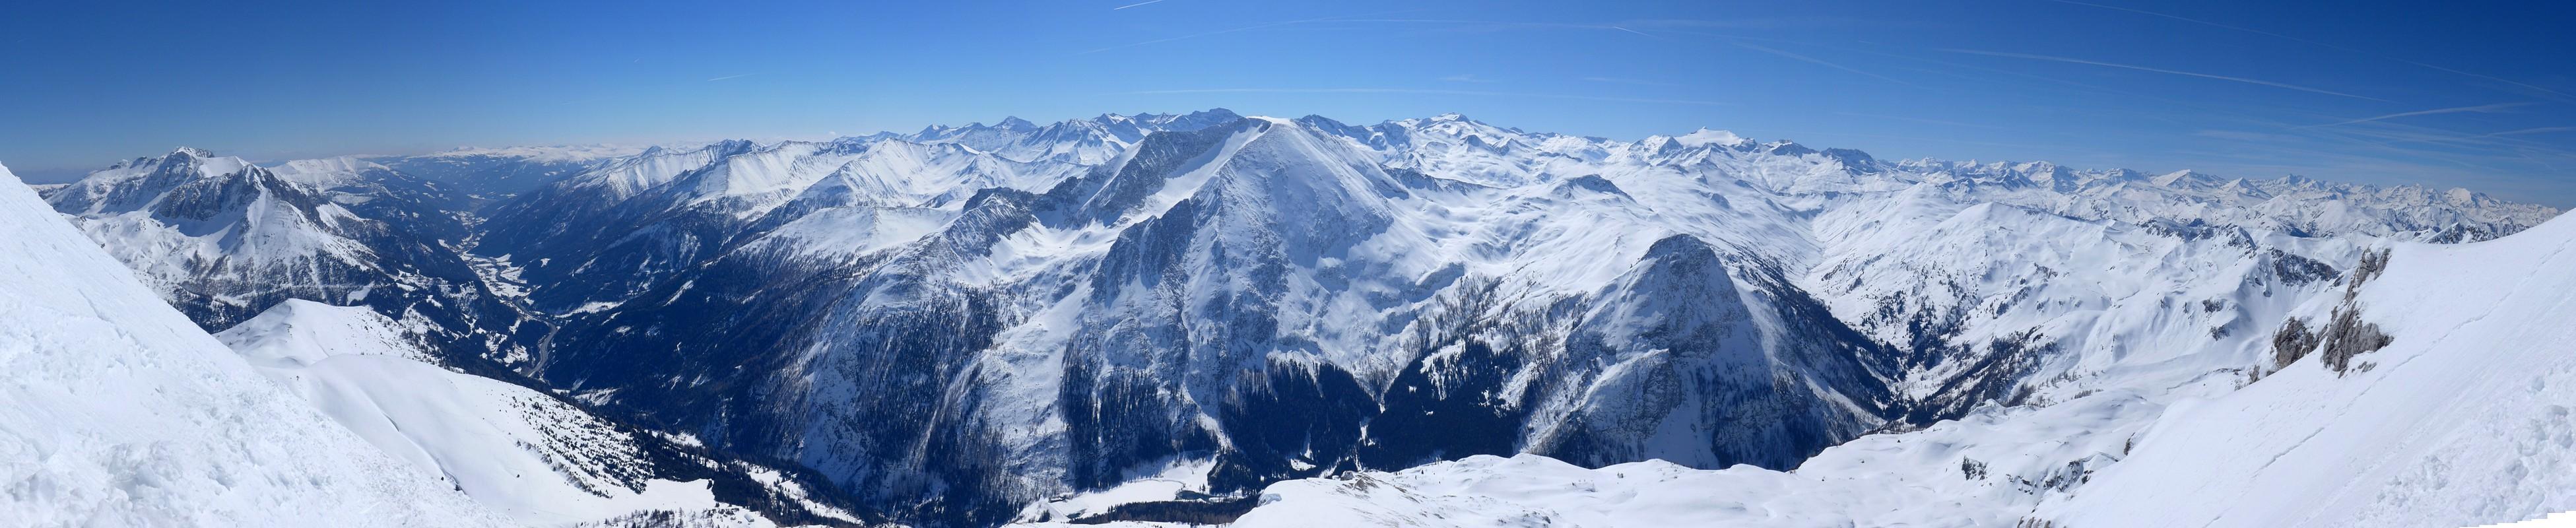 Weisseck Niedere Tauern Österreich panorama 44